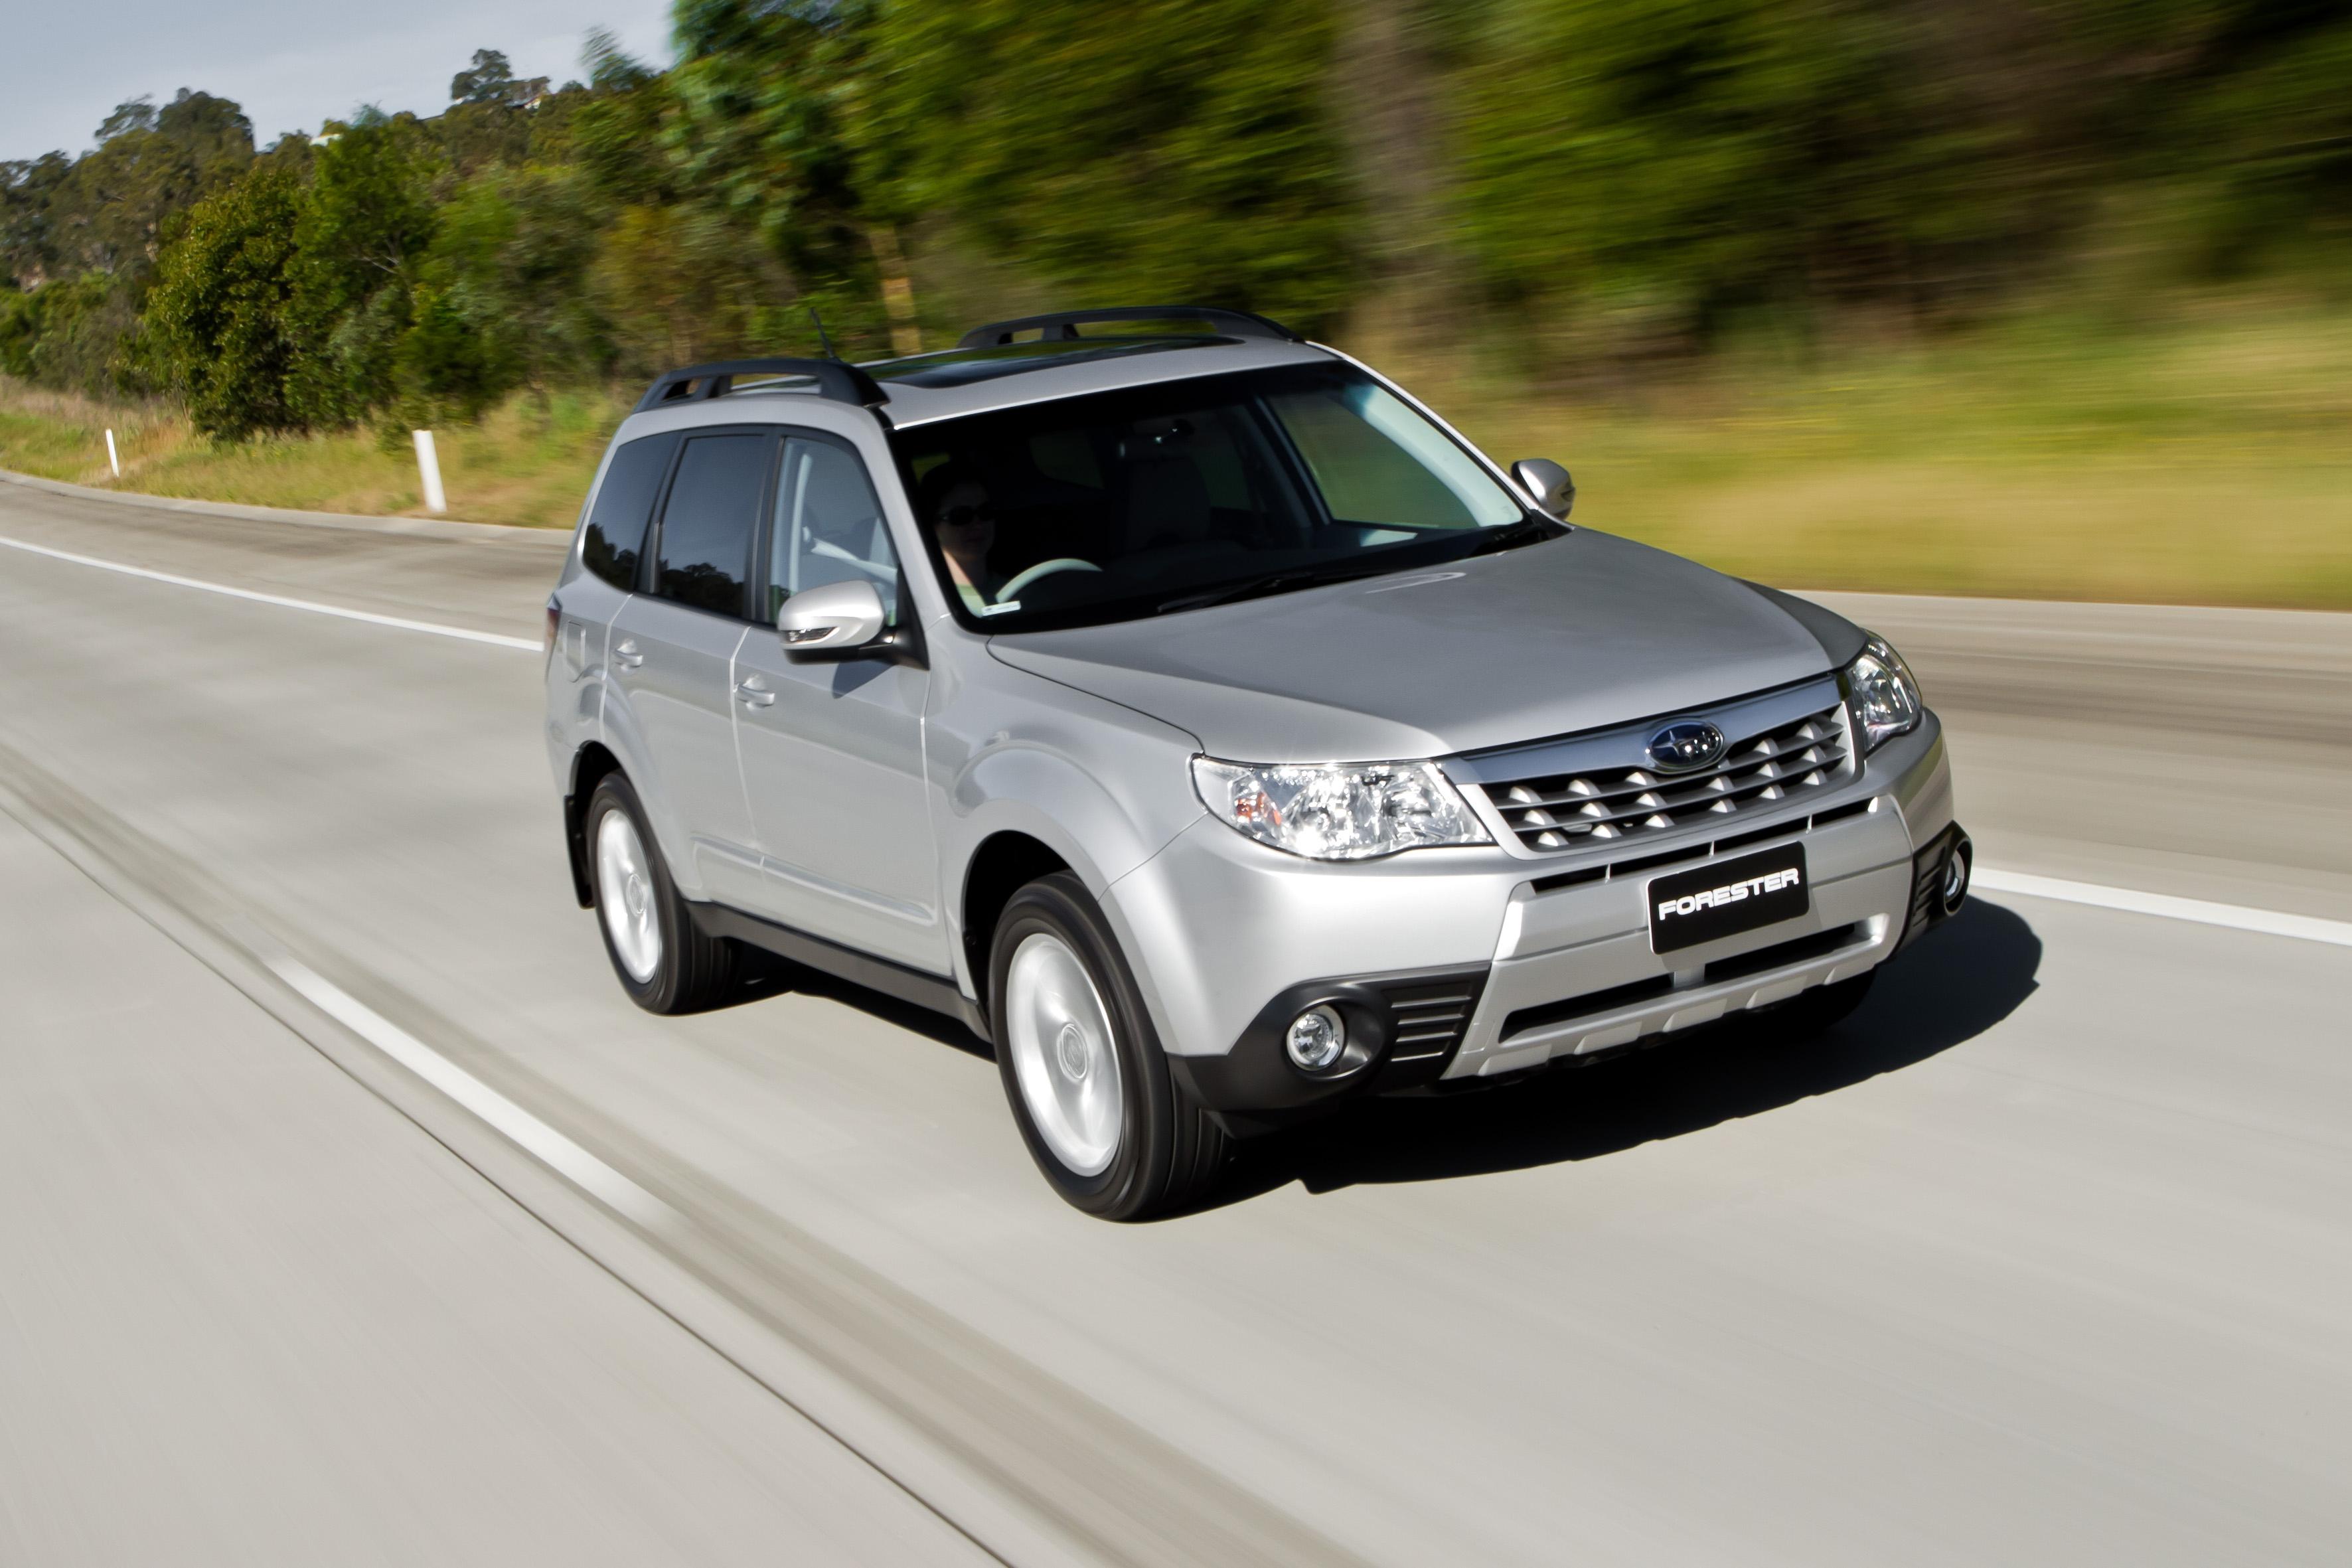 2011 Subaru Forester XS Premium.